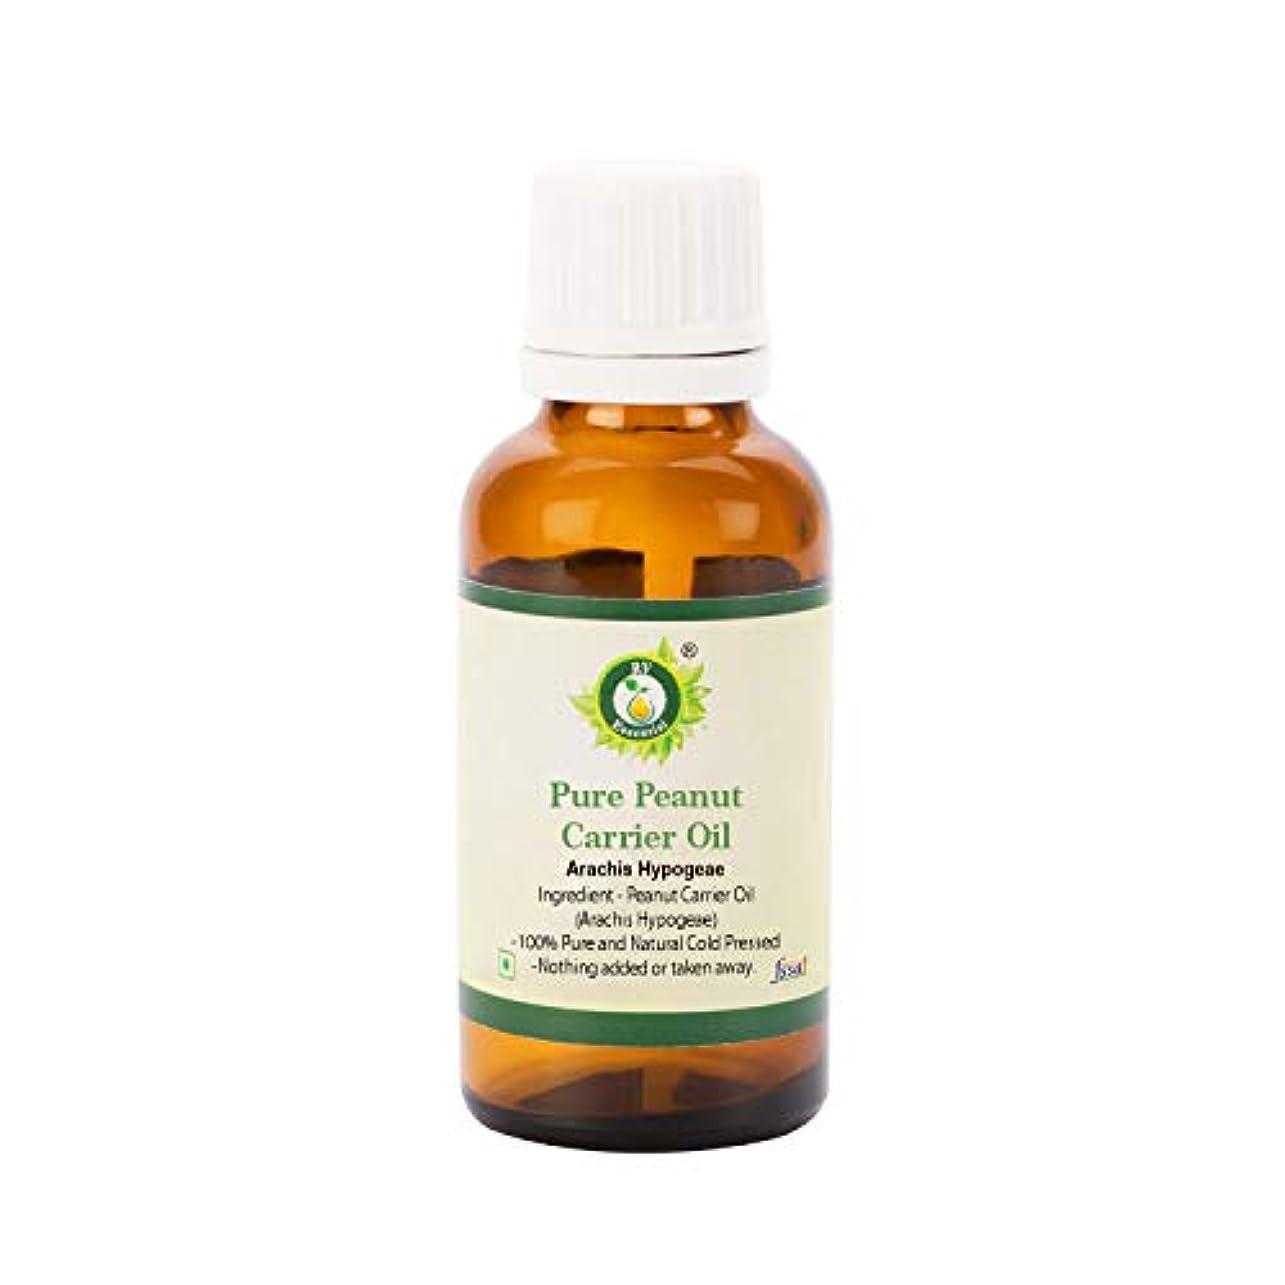 破産協定群がるR V Essential 純粋なピーナッツキャリアオイル5ml (0.169oz)- Arachis Hypogeae (100%ピュア&ナチュラルコールドPressed) Pure Peanut Carrier Oil